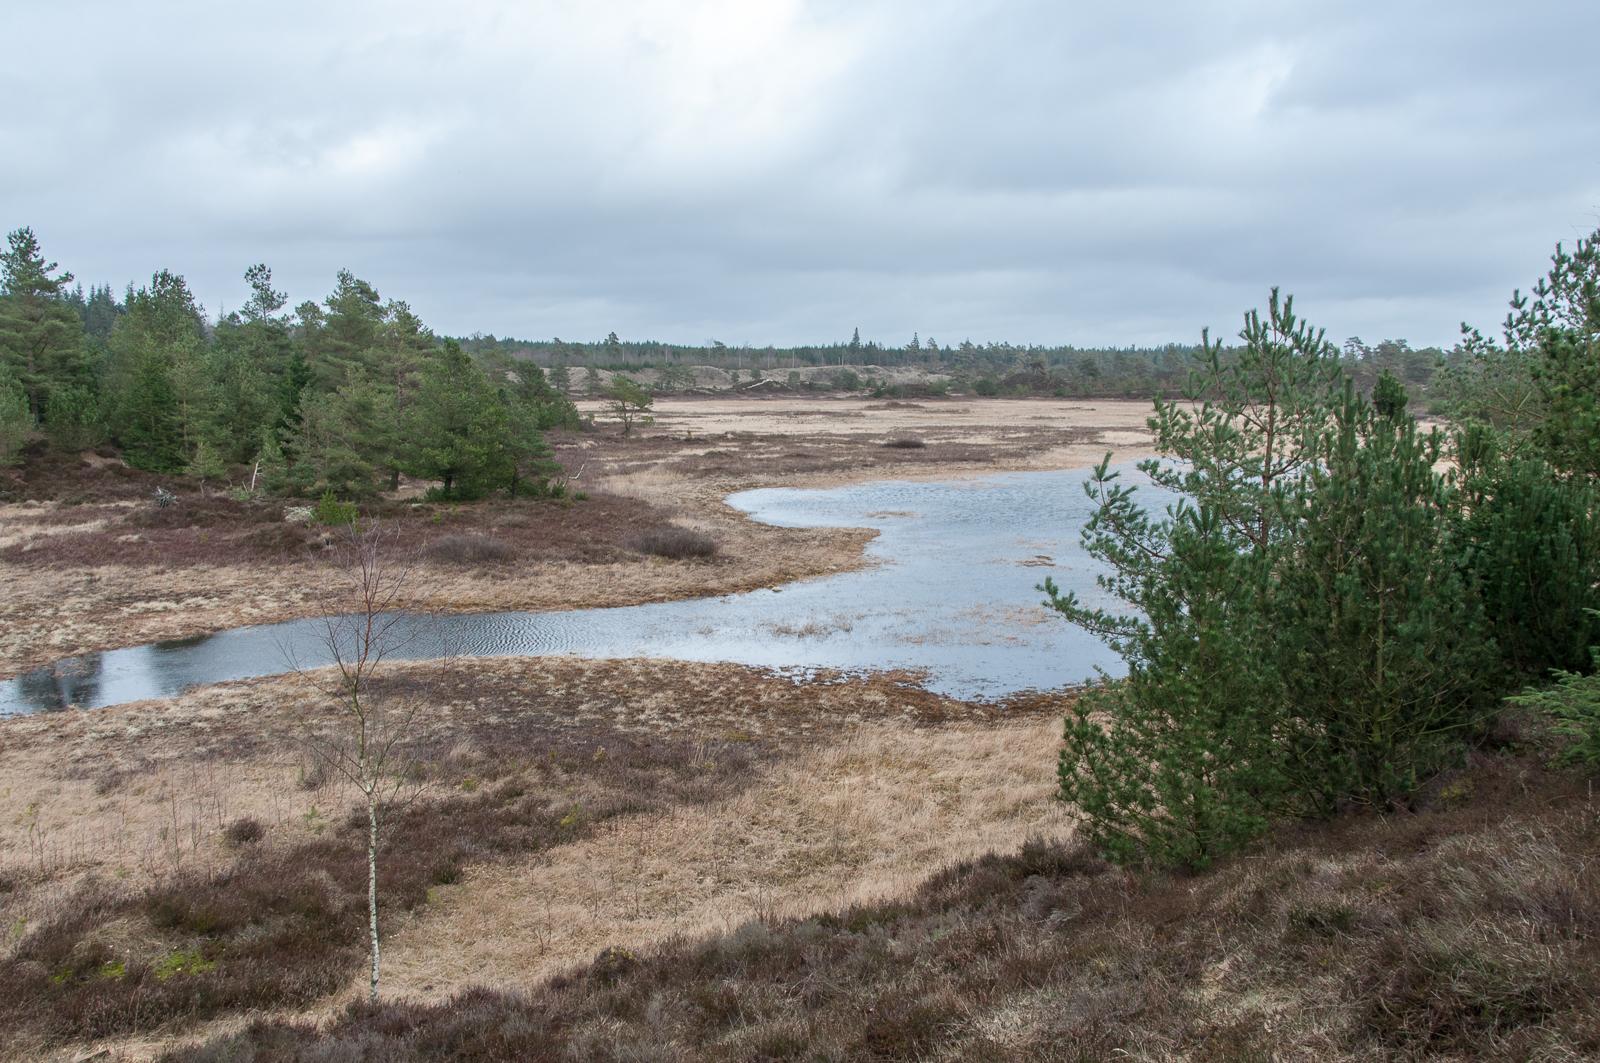 Frederikshåb Plantage savannen